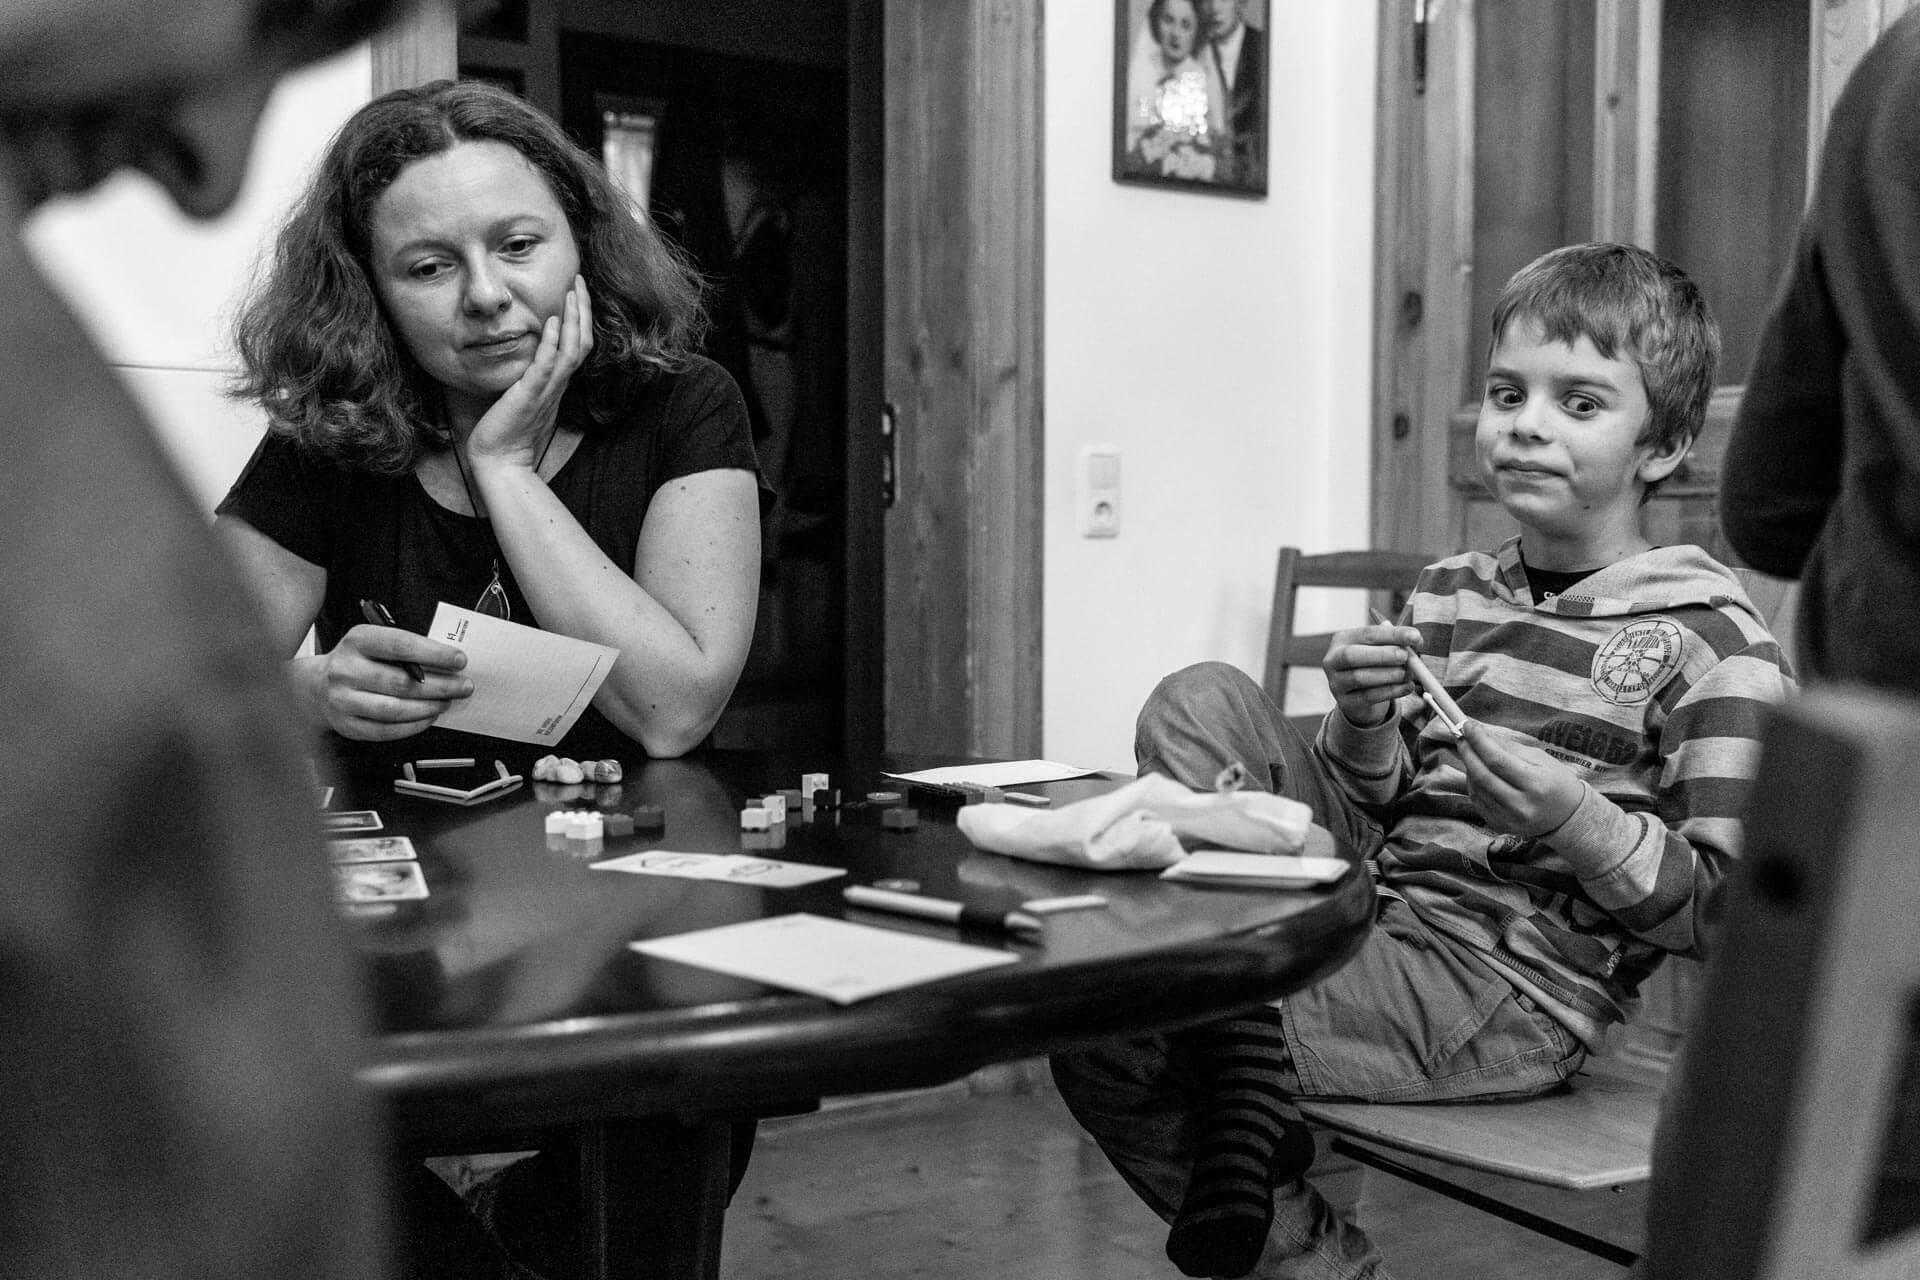 dokumentarische_familienfotografie_tabea_hoernlein_14_desktop